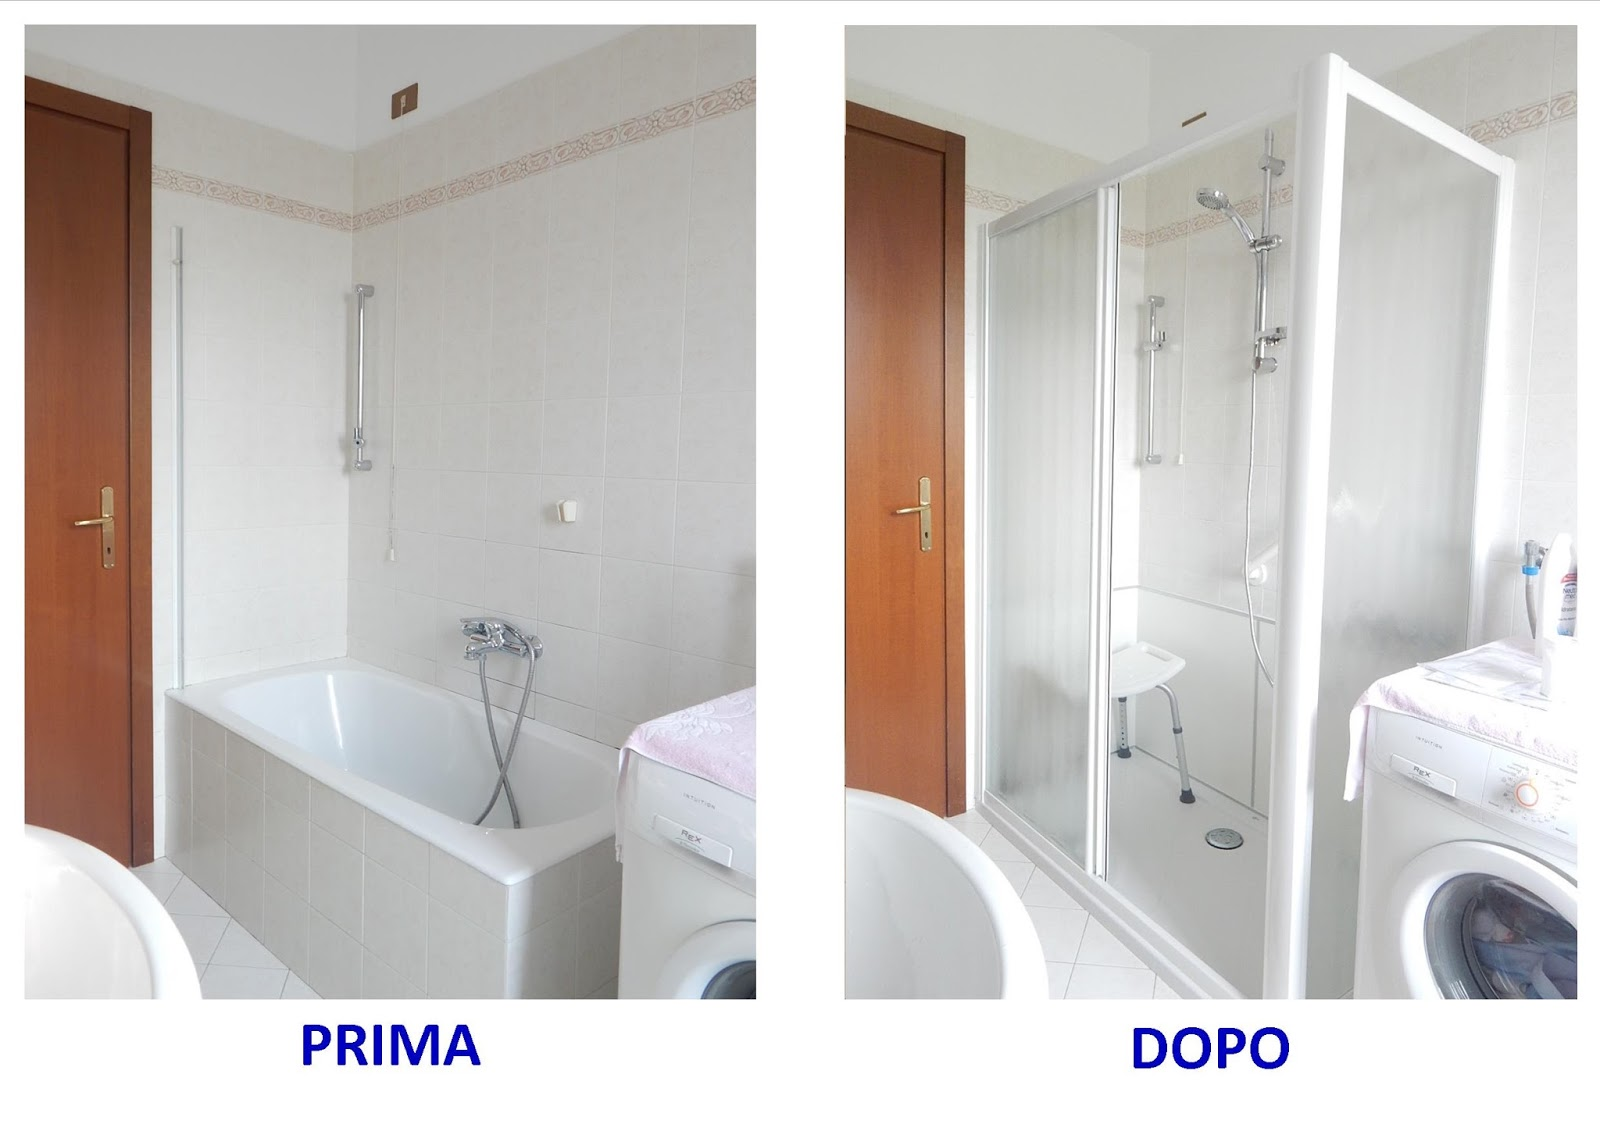 Cambio vasca in doccia - Sostituire vasca con box doccia ...